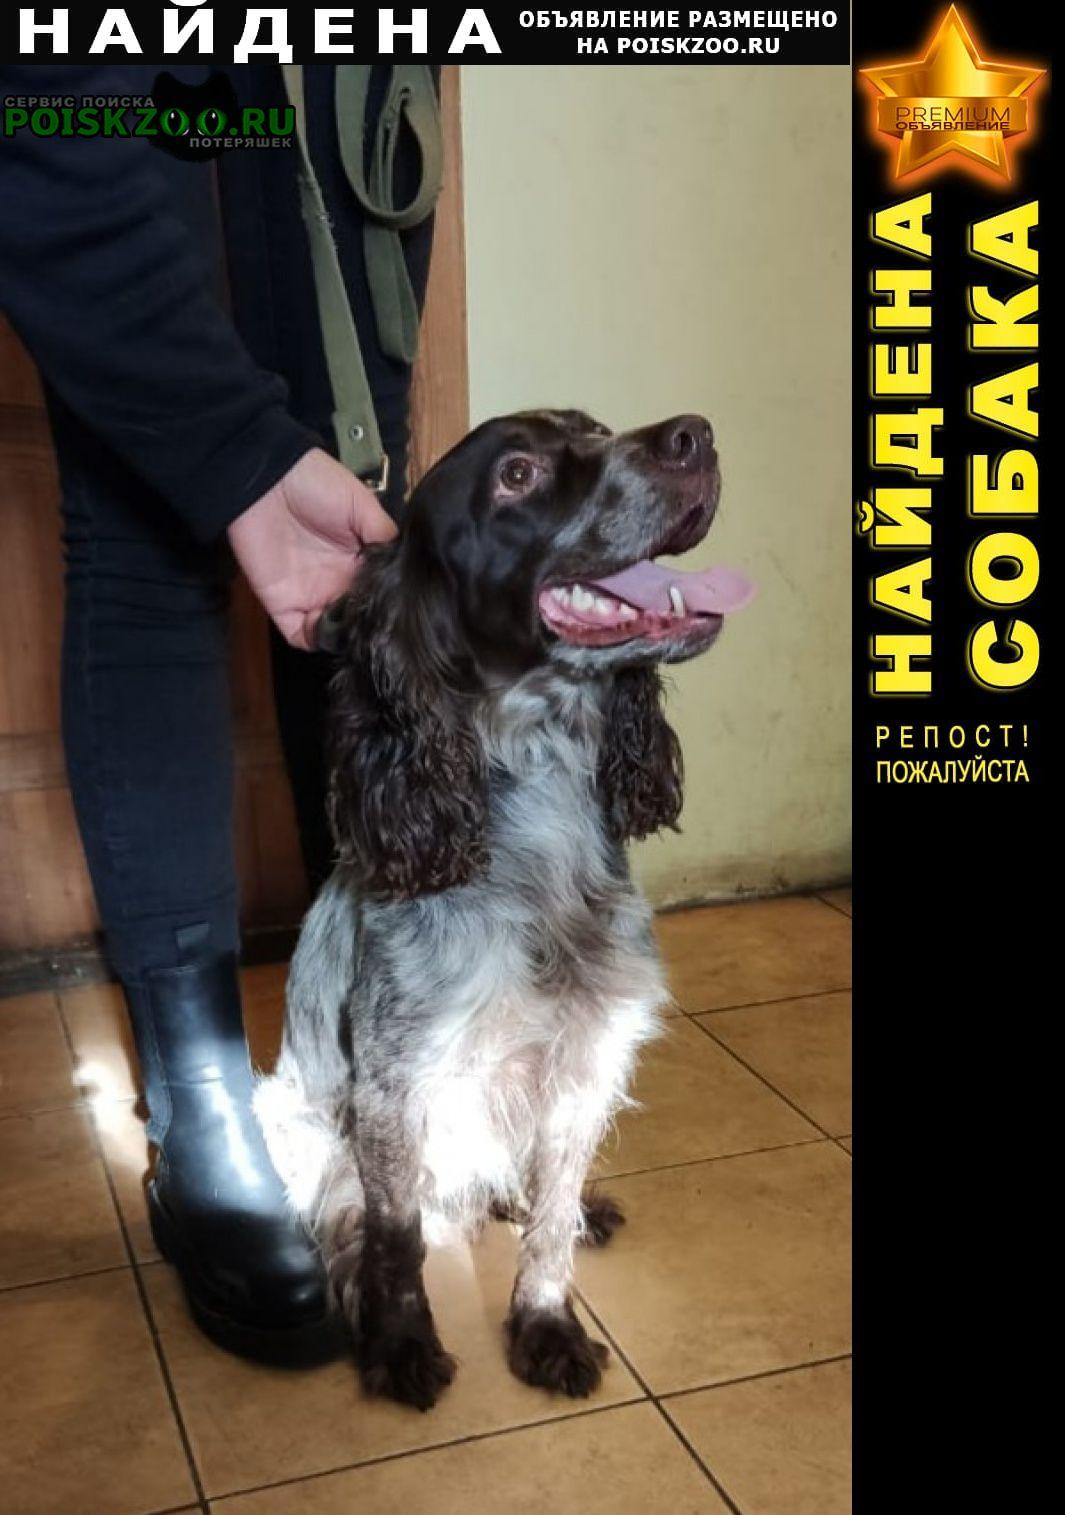 Санкт-Петербург Найдена собака спаниель